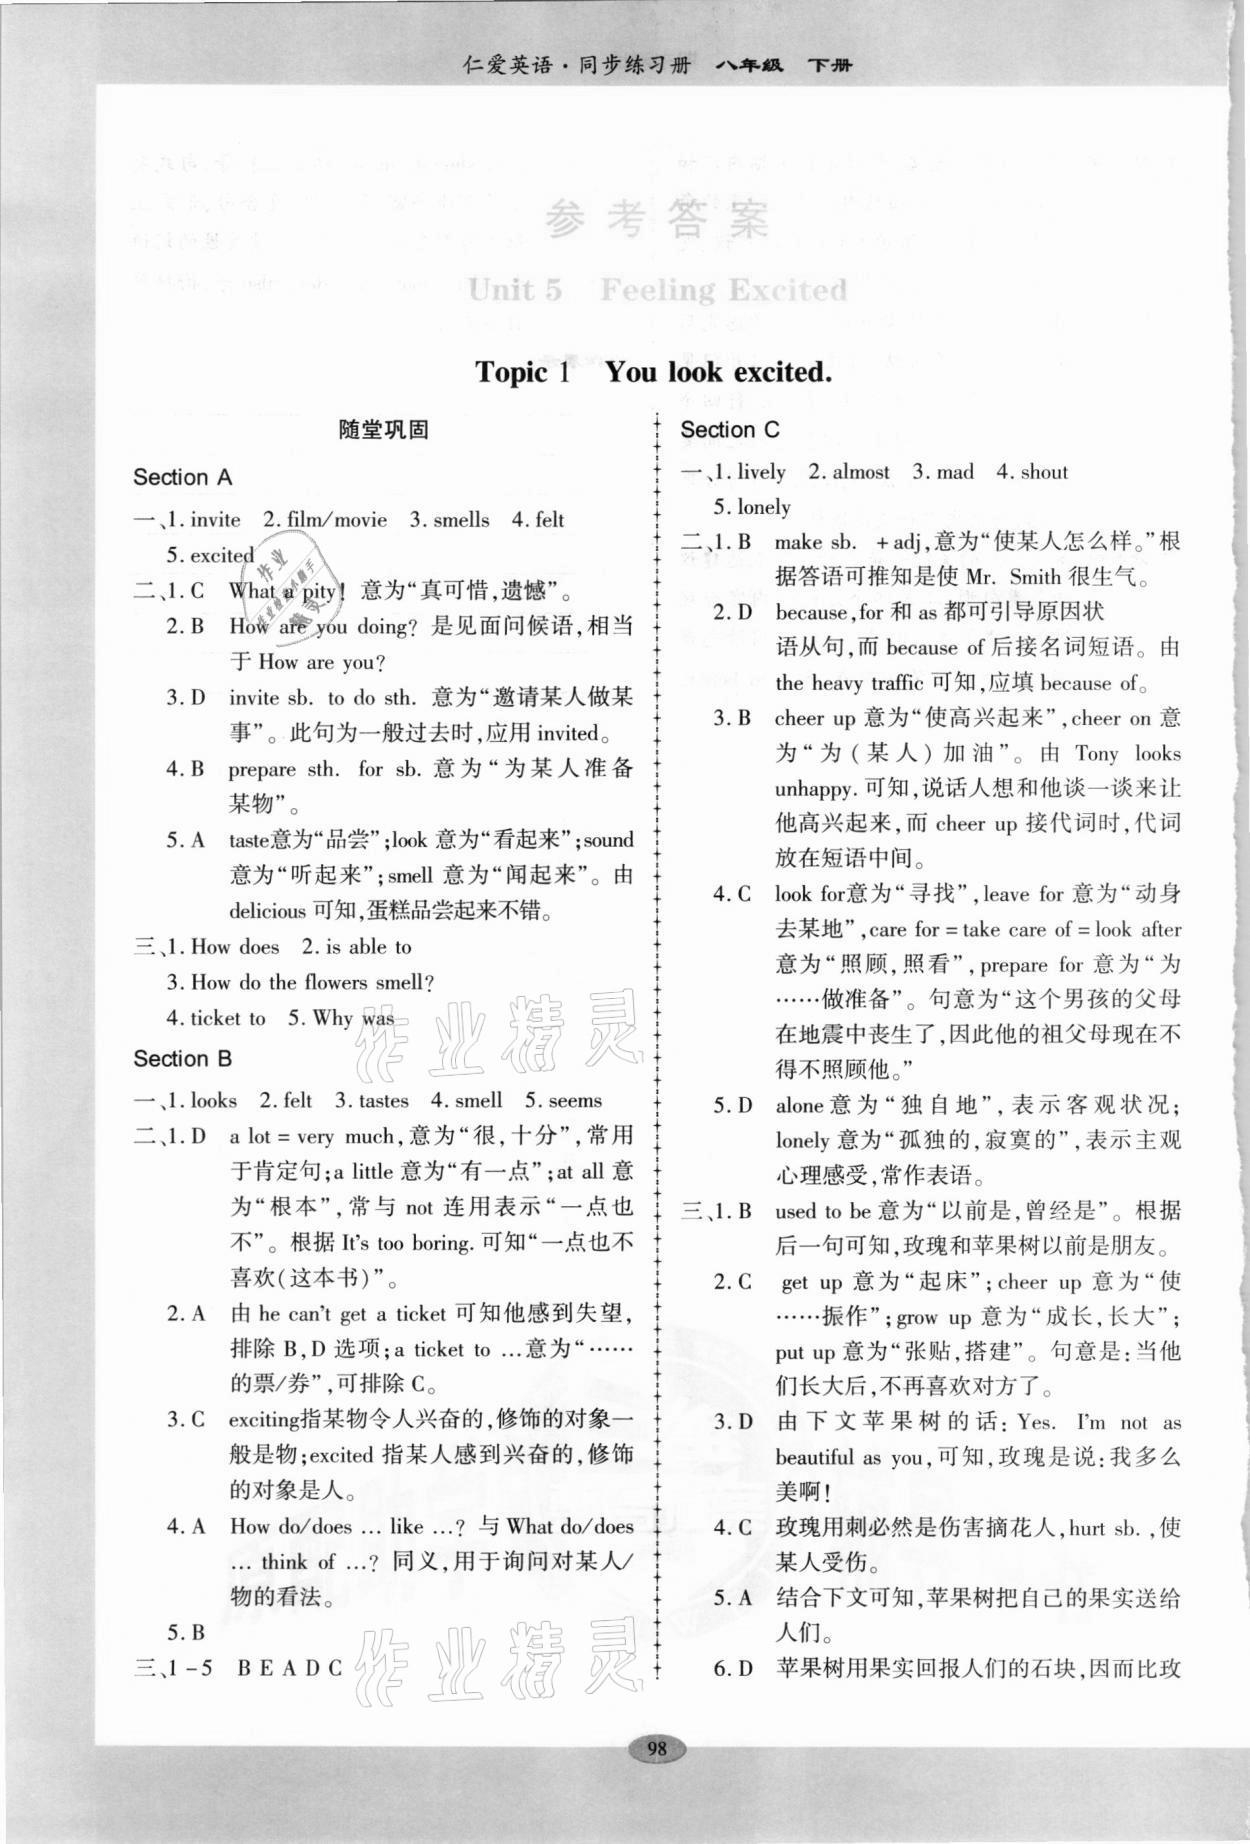 2021年仁爱英语同步练习册八年级下册仁爱版广东专版参考答案第1页